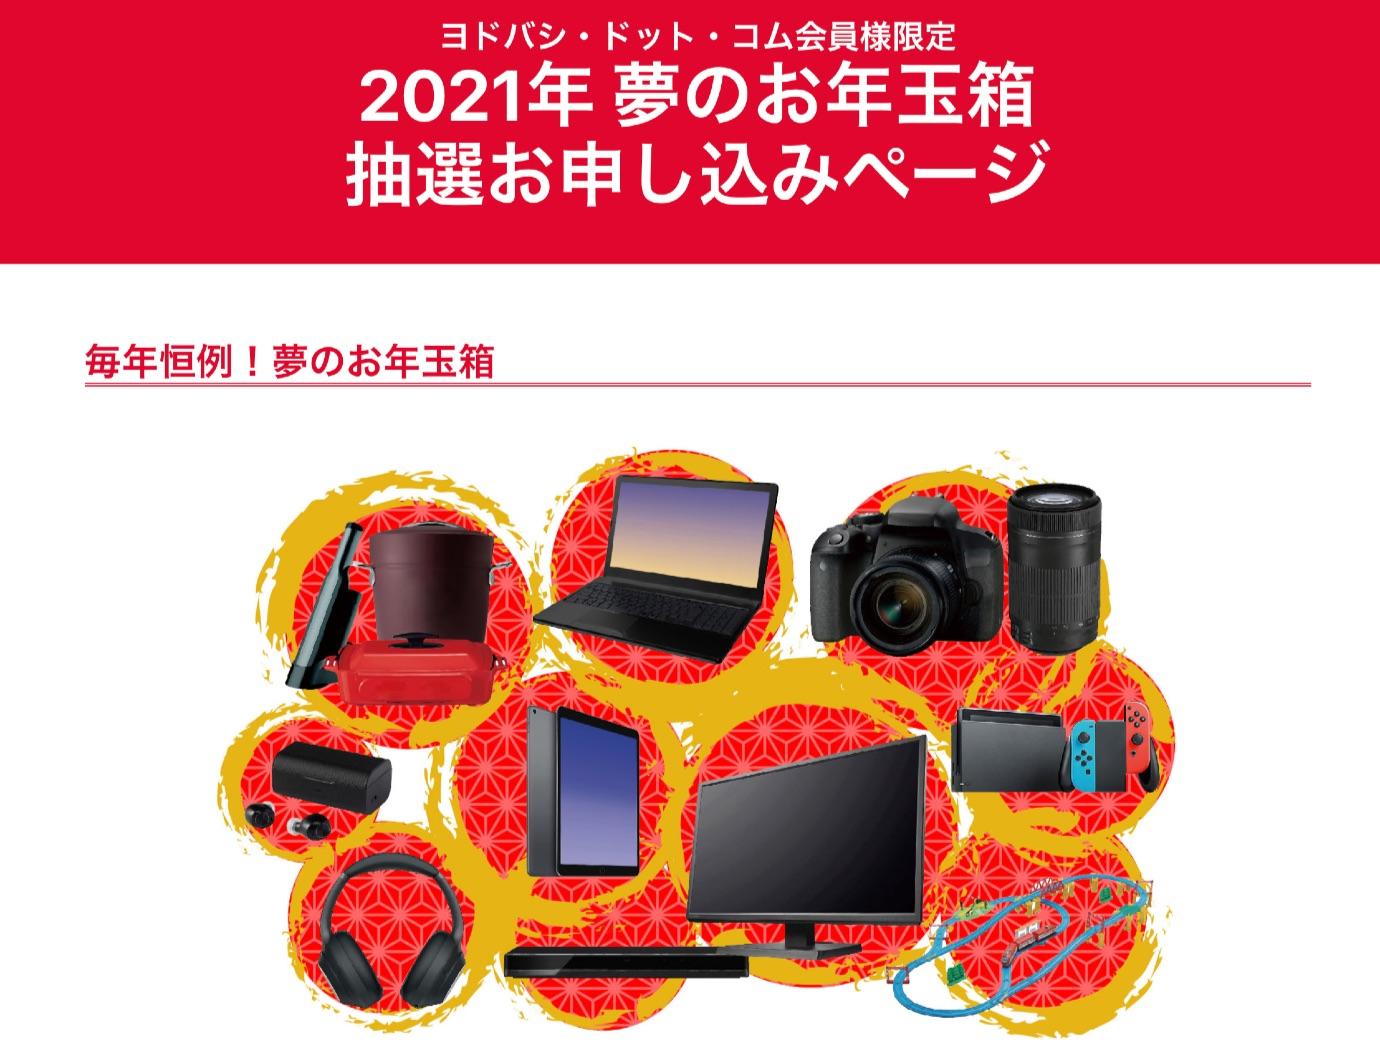 ヨドバシ・ドット・コムで恒例の「2021年 夢のお年玉箱」